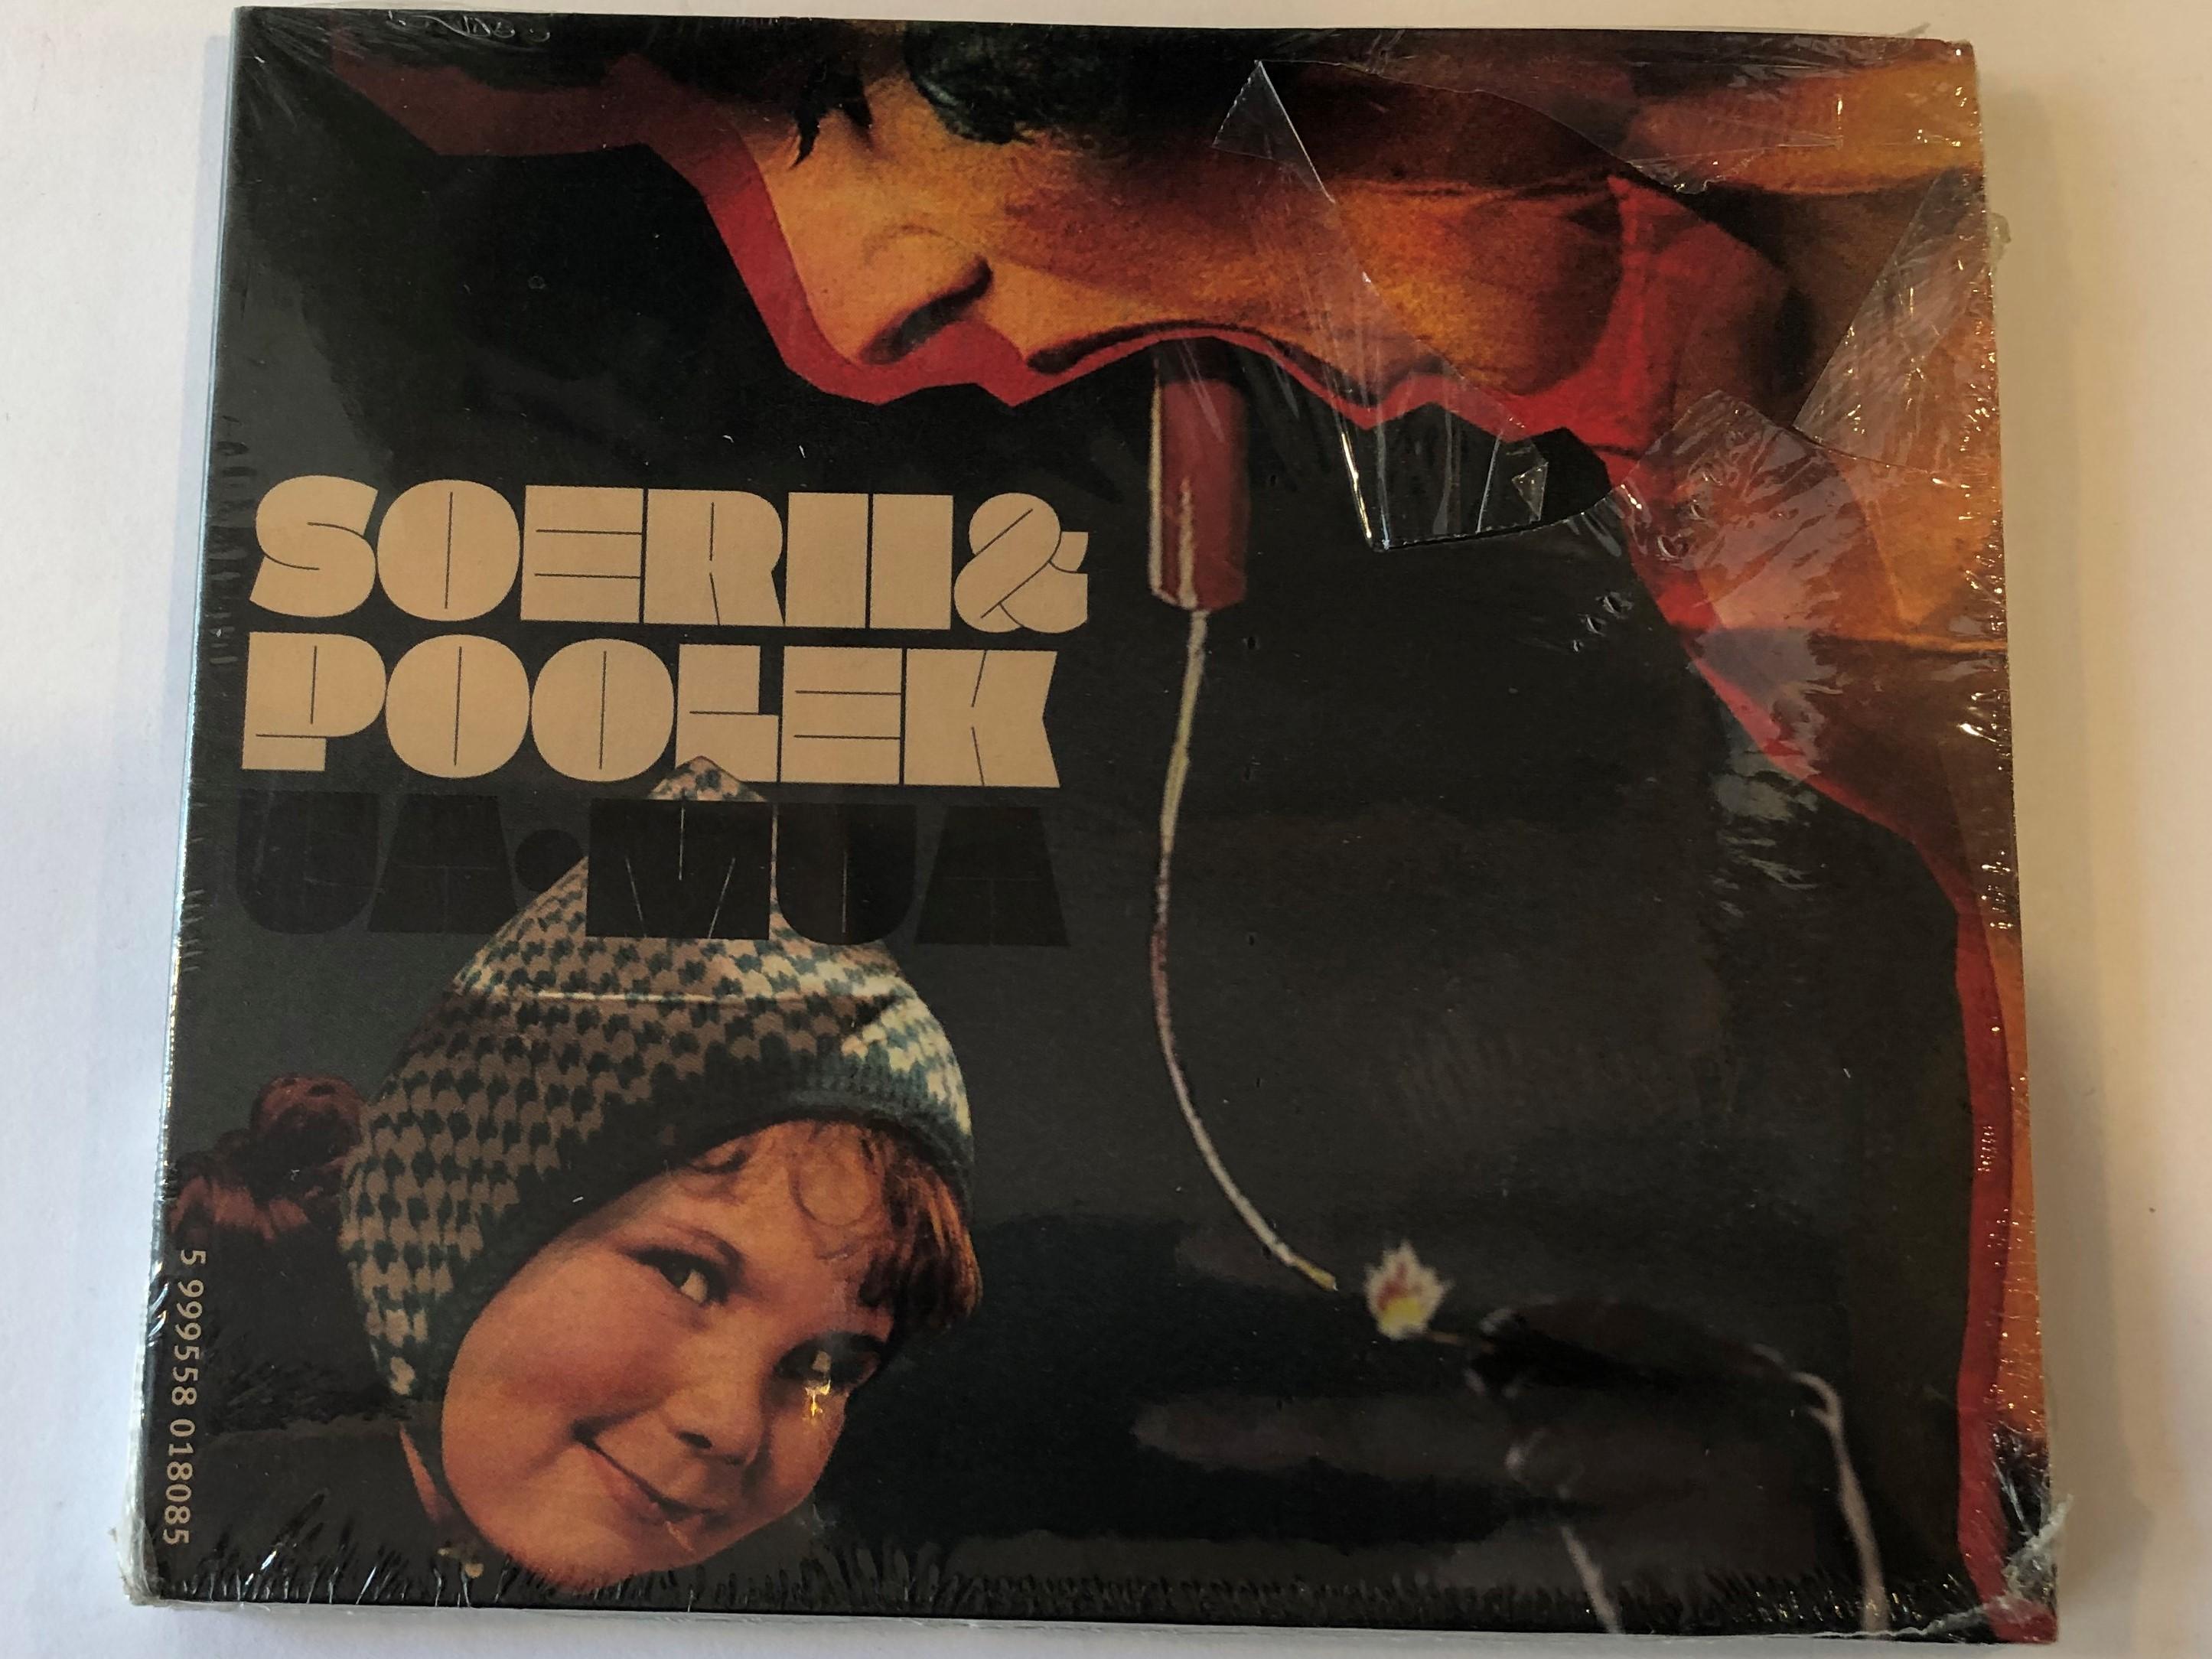 soerii-poolek-ua-mua-twelvetones-records-audio-cd-2009-twe-02-2009-2-1-.jpg